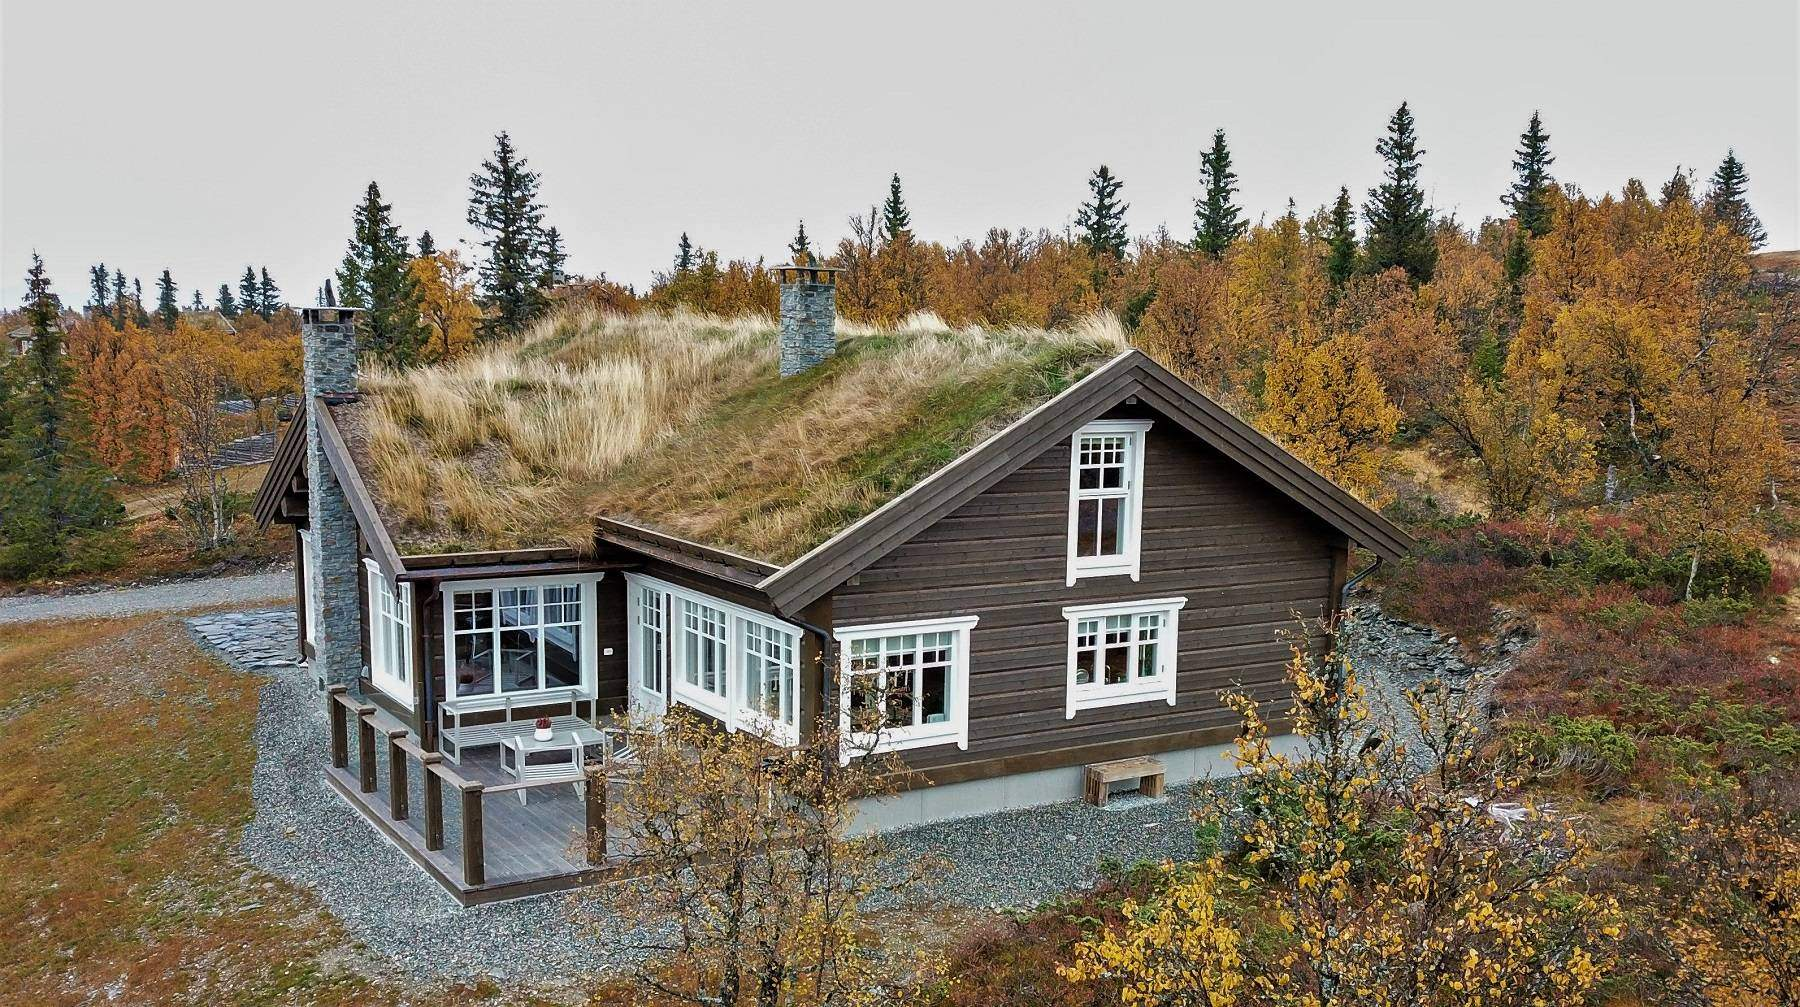 314 Gålå – Hyttebilde – Hytte Hemsedal 120 – Hytteleverandør Tiurtoppen Hytter